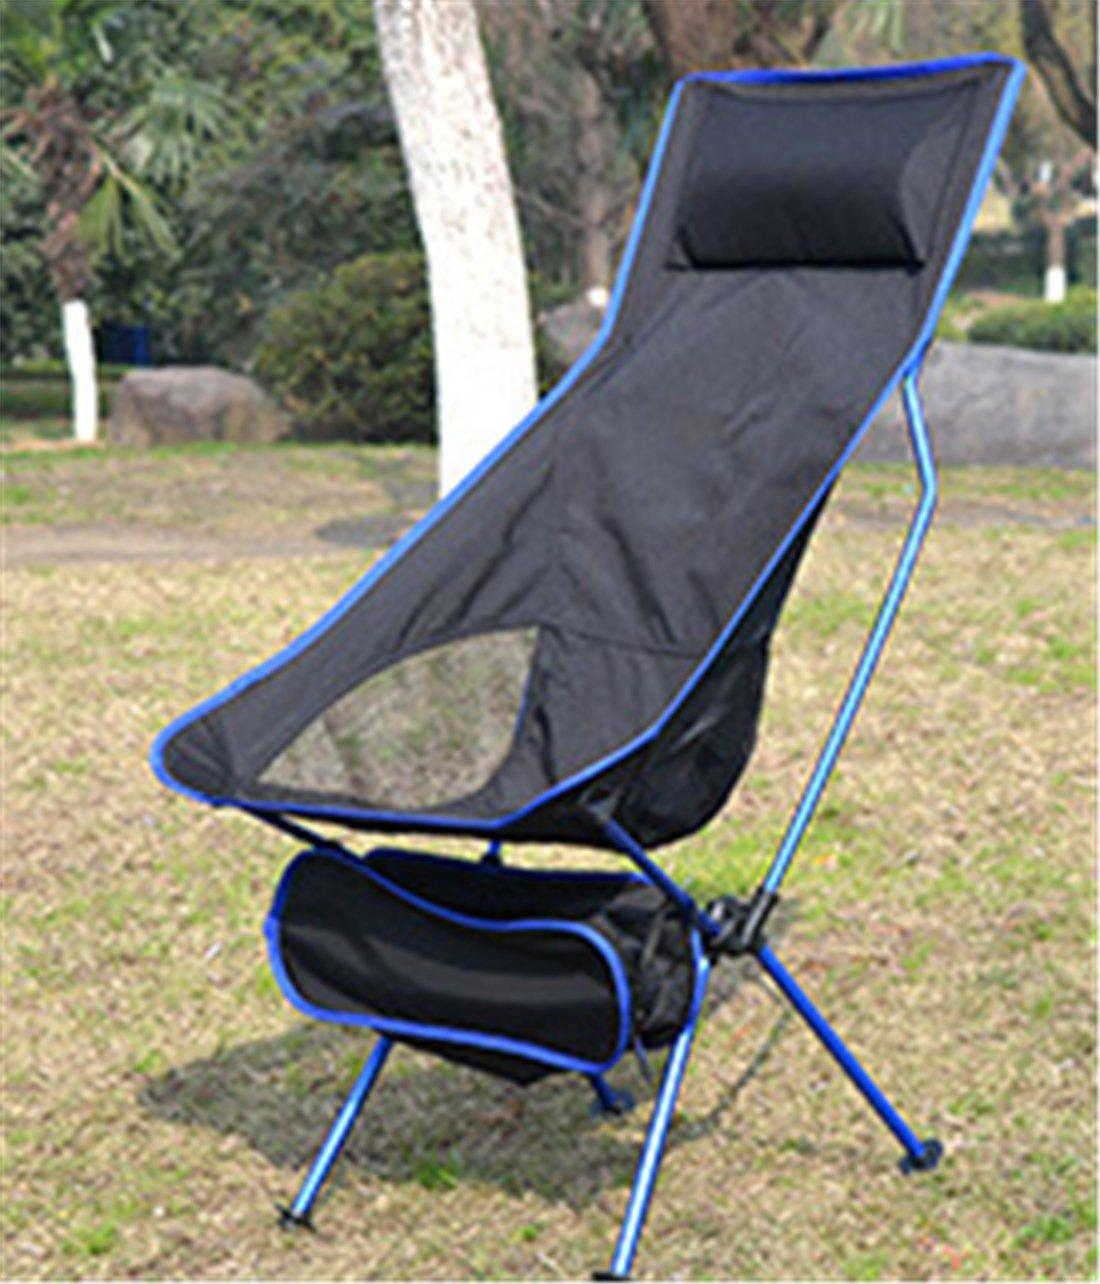 Yeying123 Erweiterter Klappstuhl Im Freien Moon Chair 7075 Aluminiumlegierungsstuhl Beweglicher Fischenstuhldirektorstuhl mit Kissen